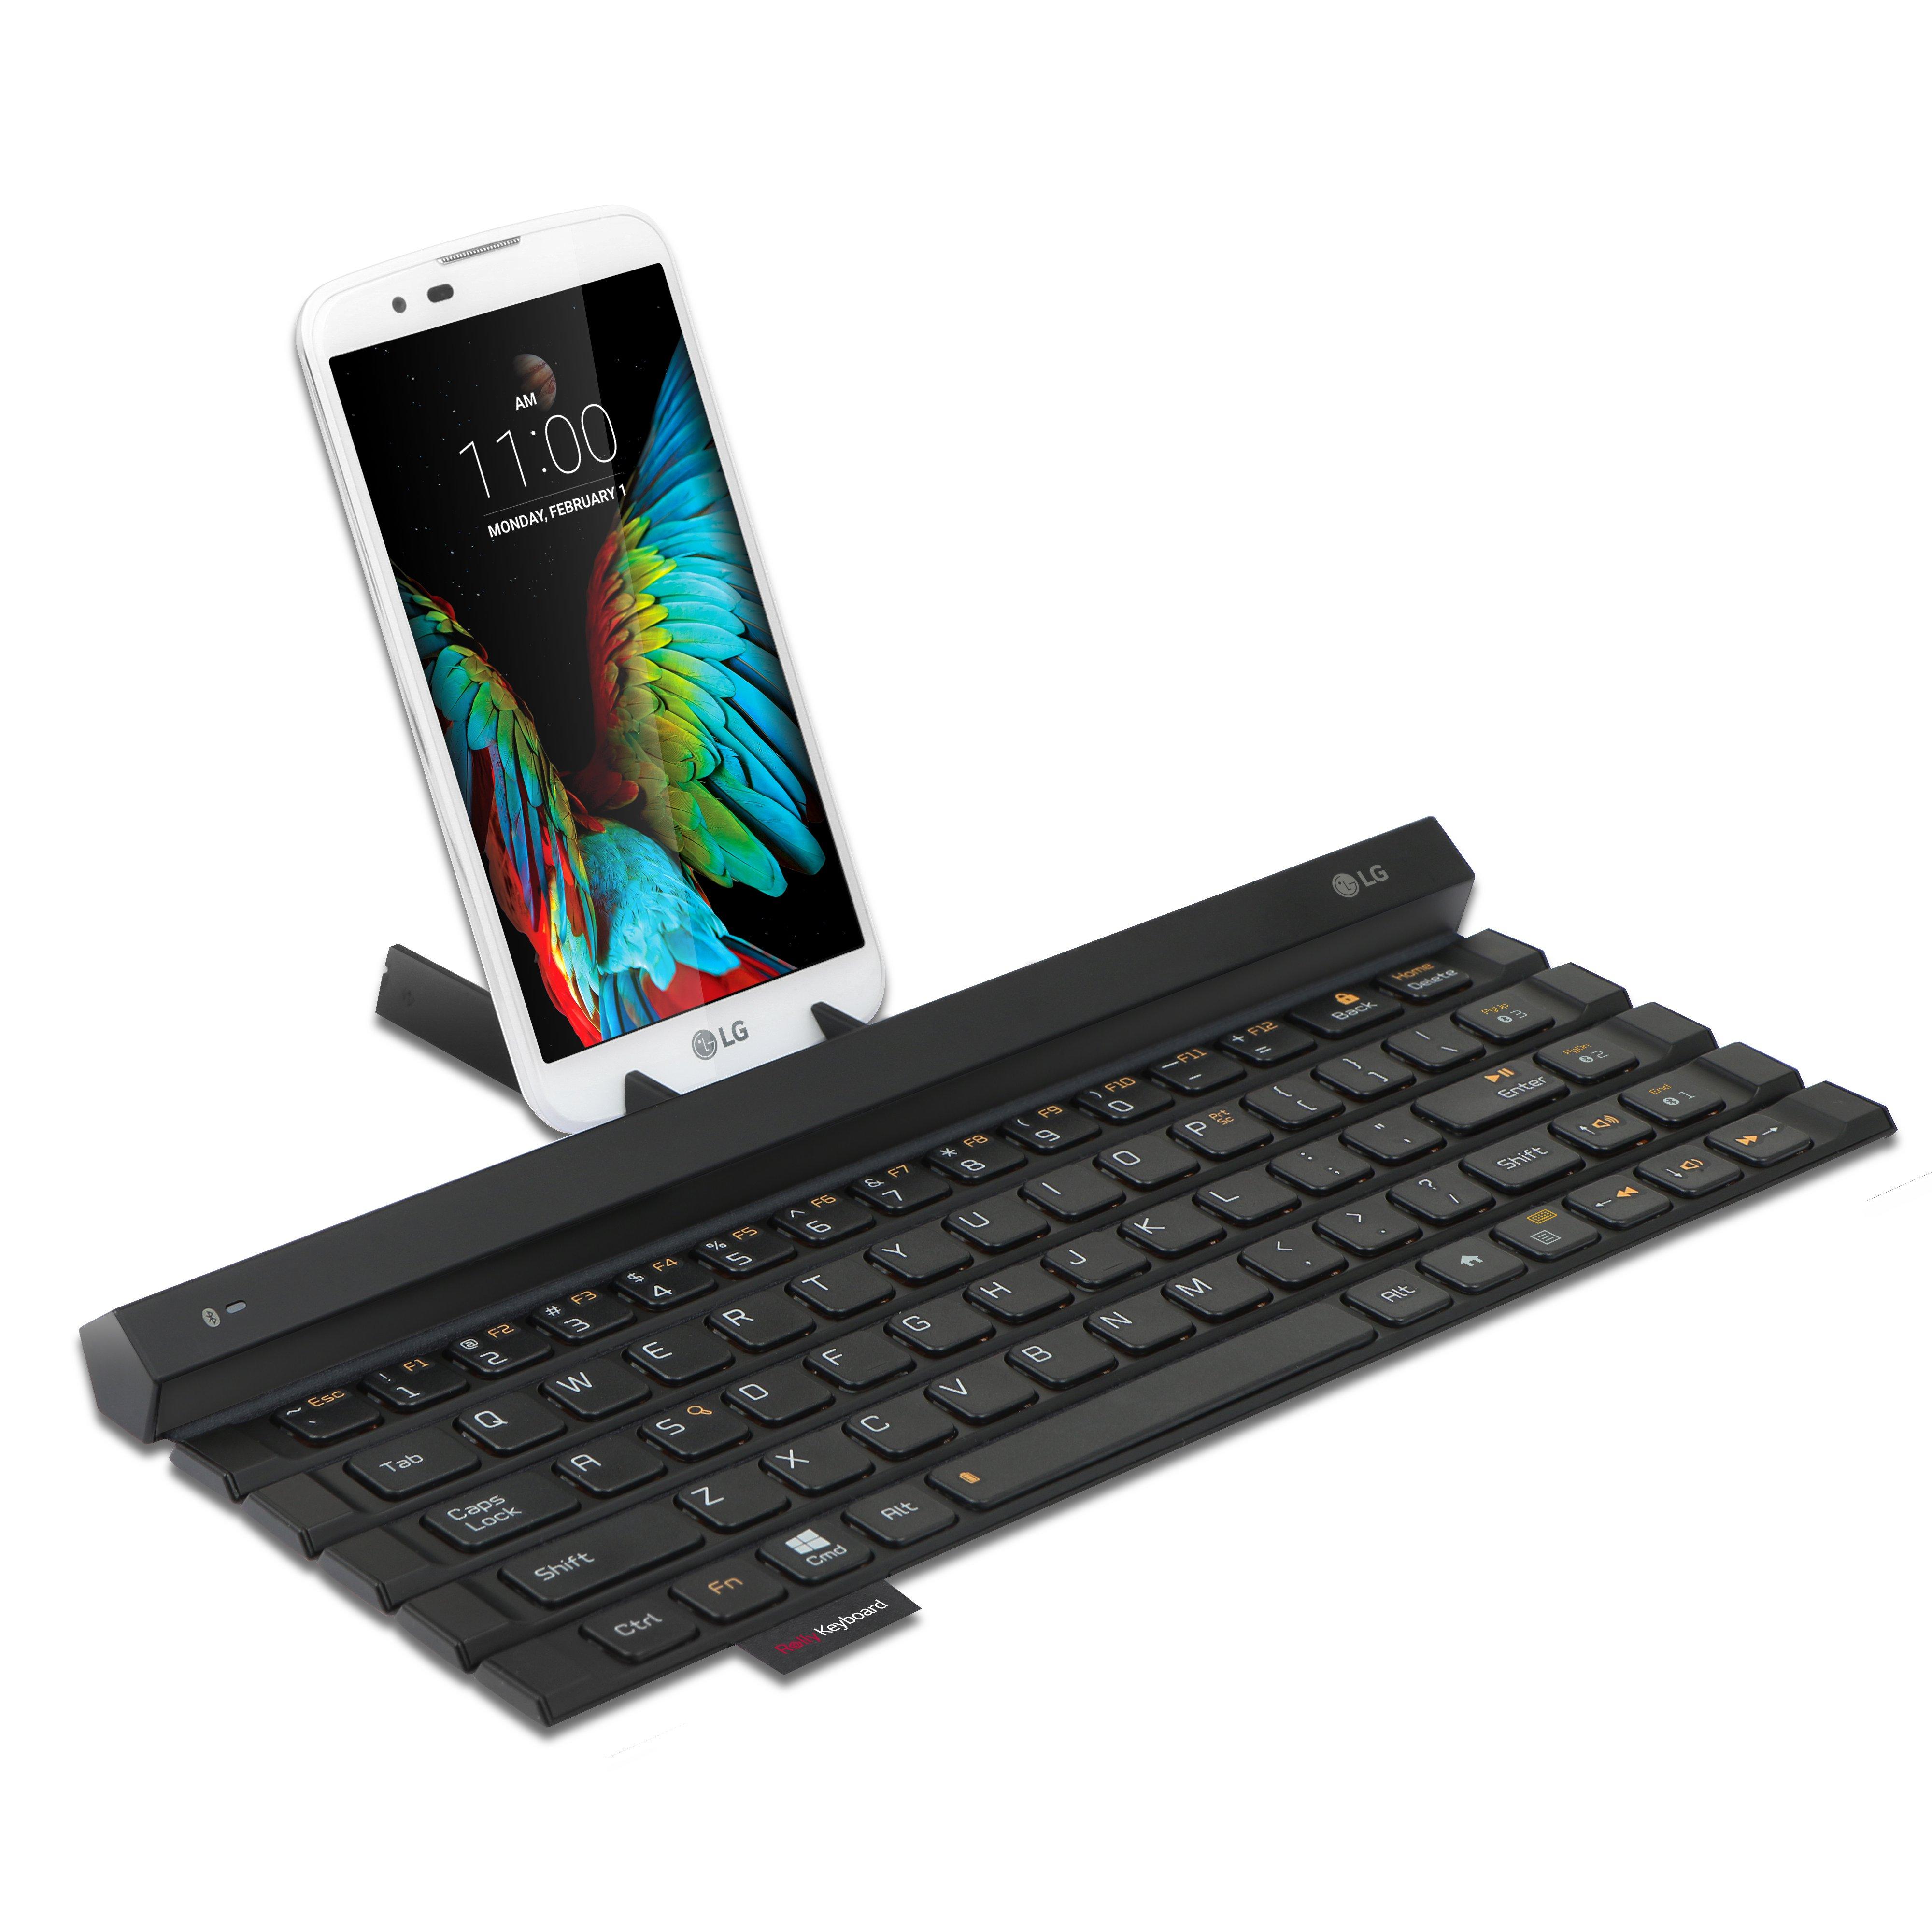 LG 卷軸式藍牙鍵盤在台推出,輕鬆收納並可跨裝置使用